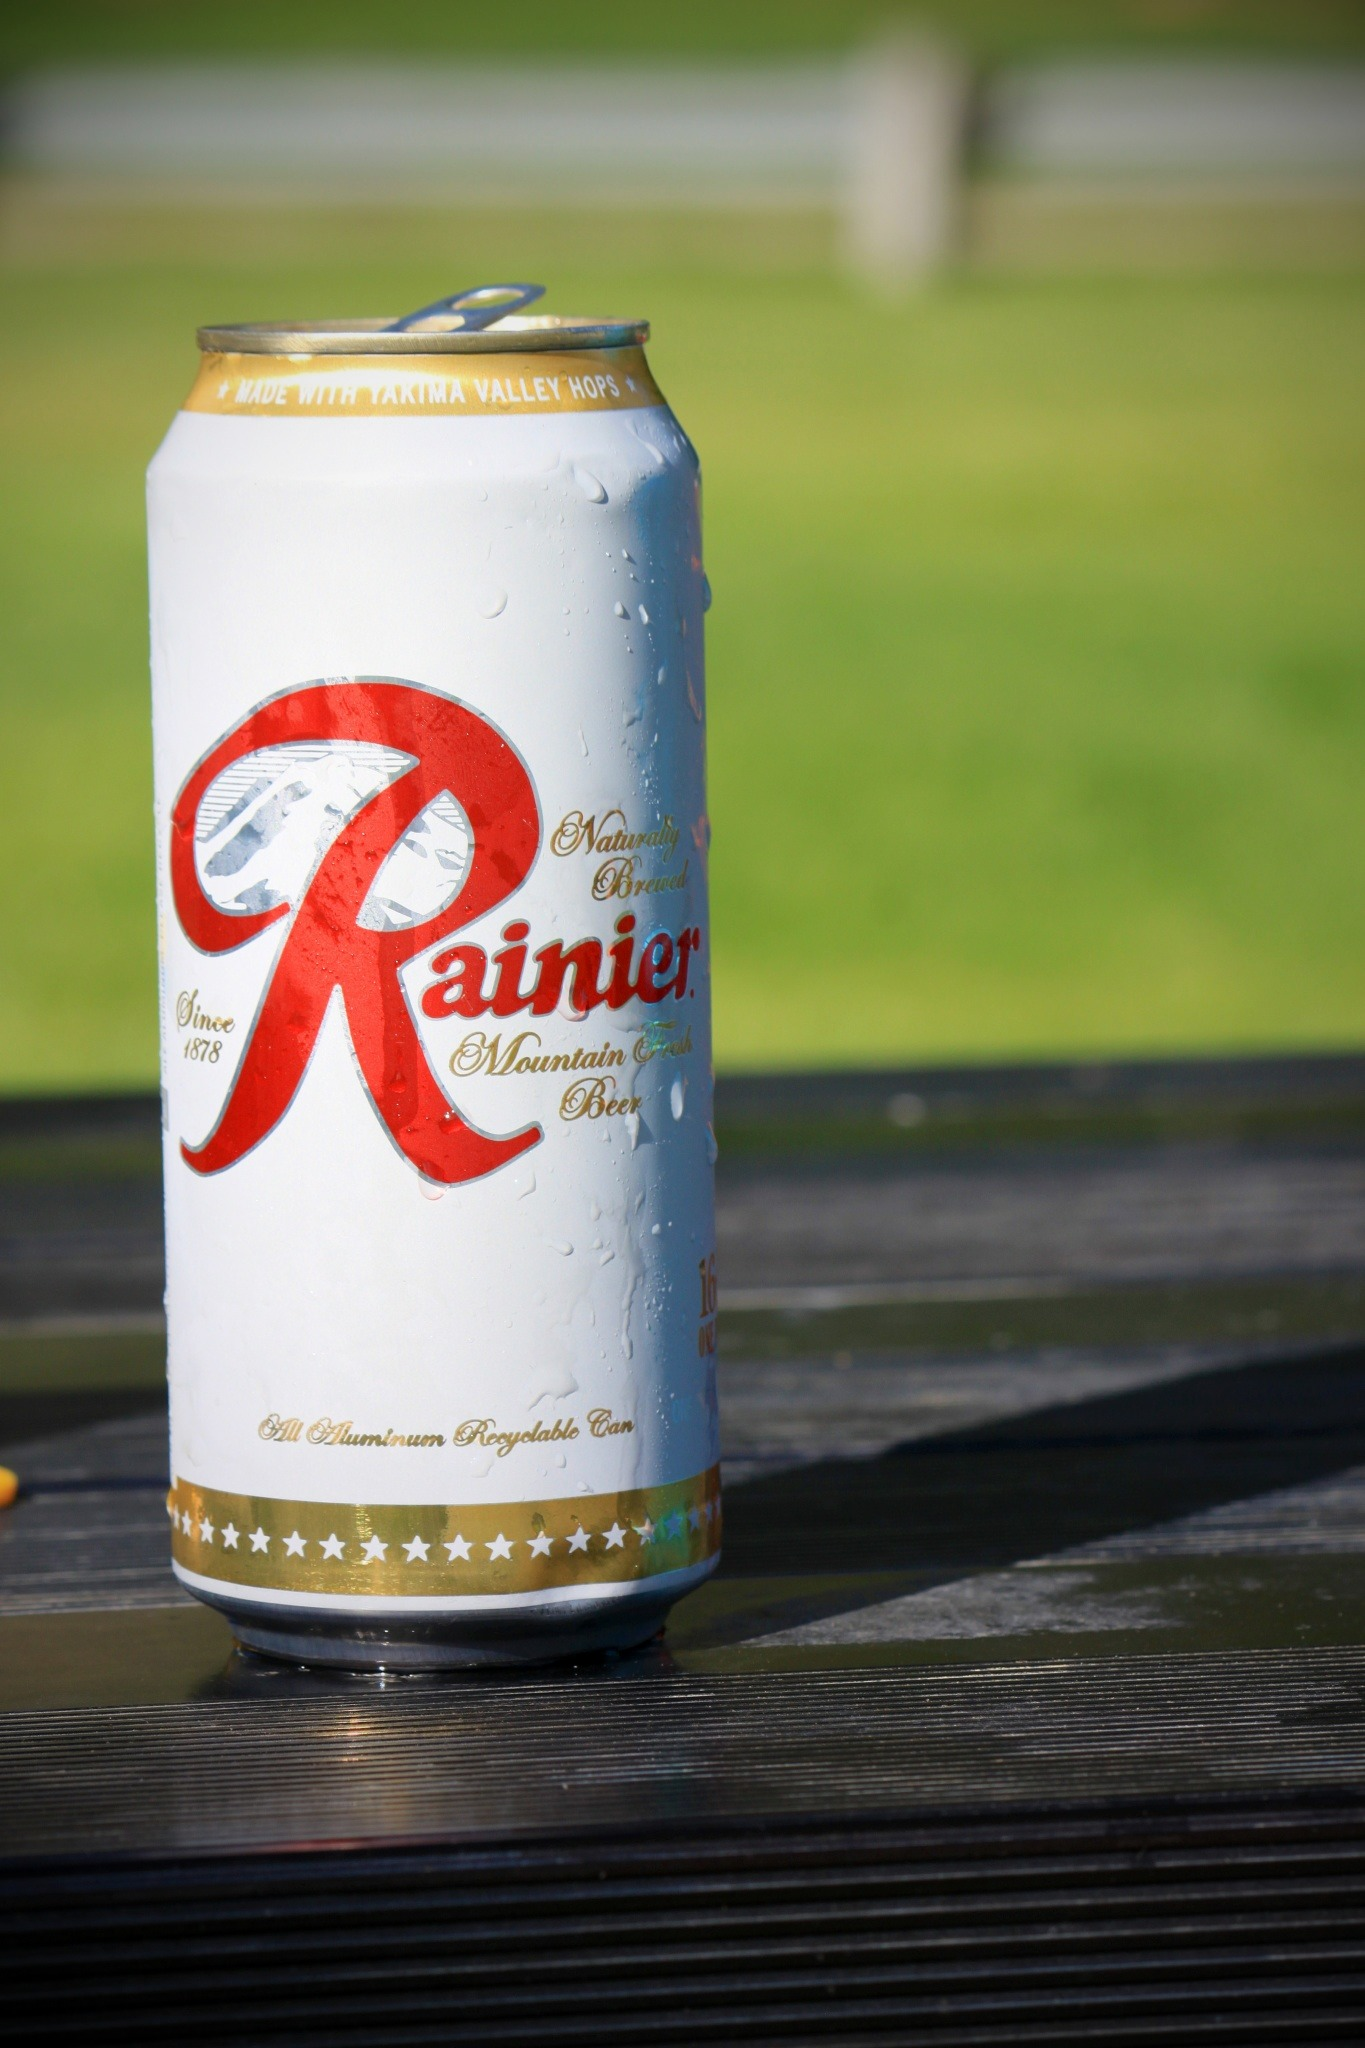 https://bistroonesix.files.wordpress.com/2012/07/rai-2-nier-beer.jpg